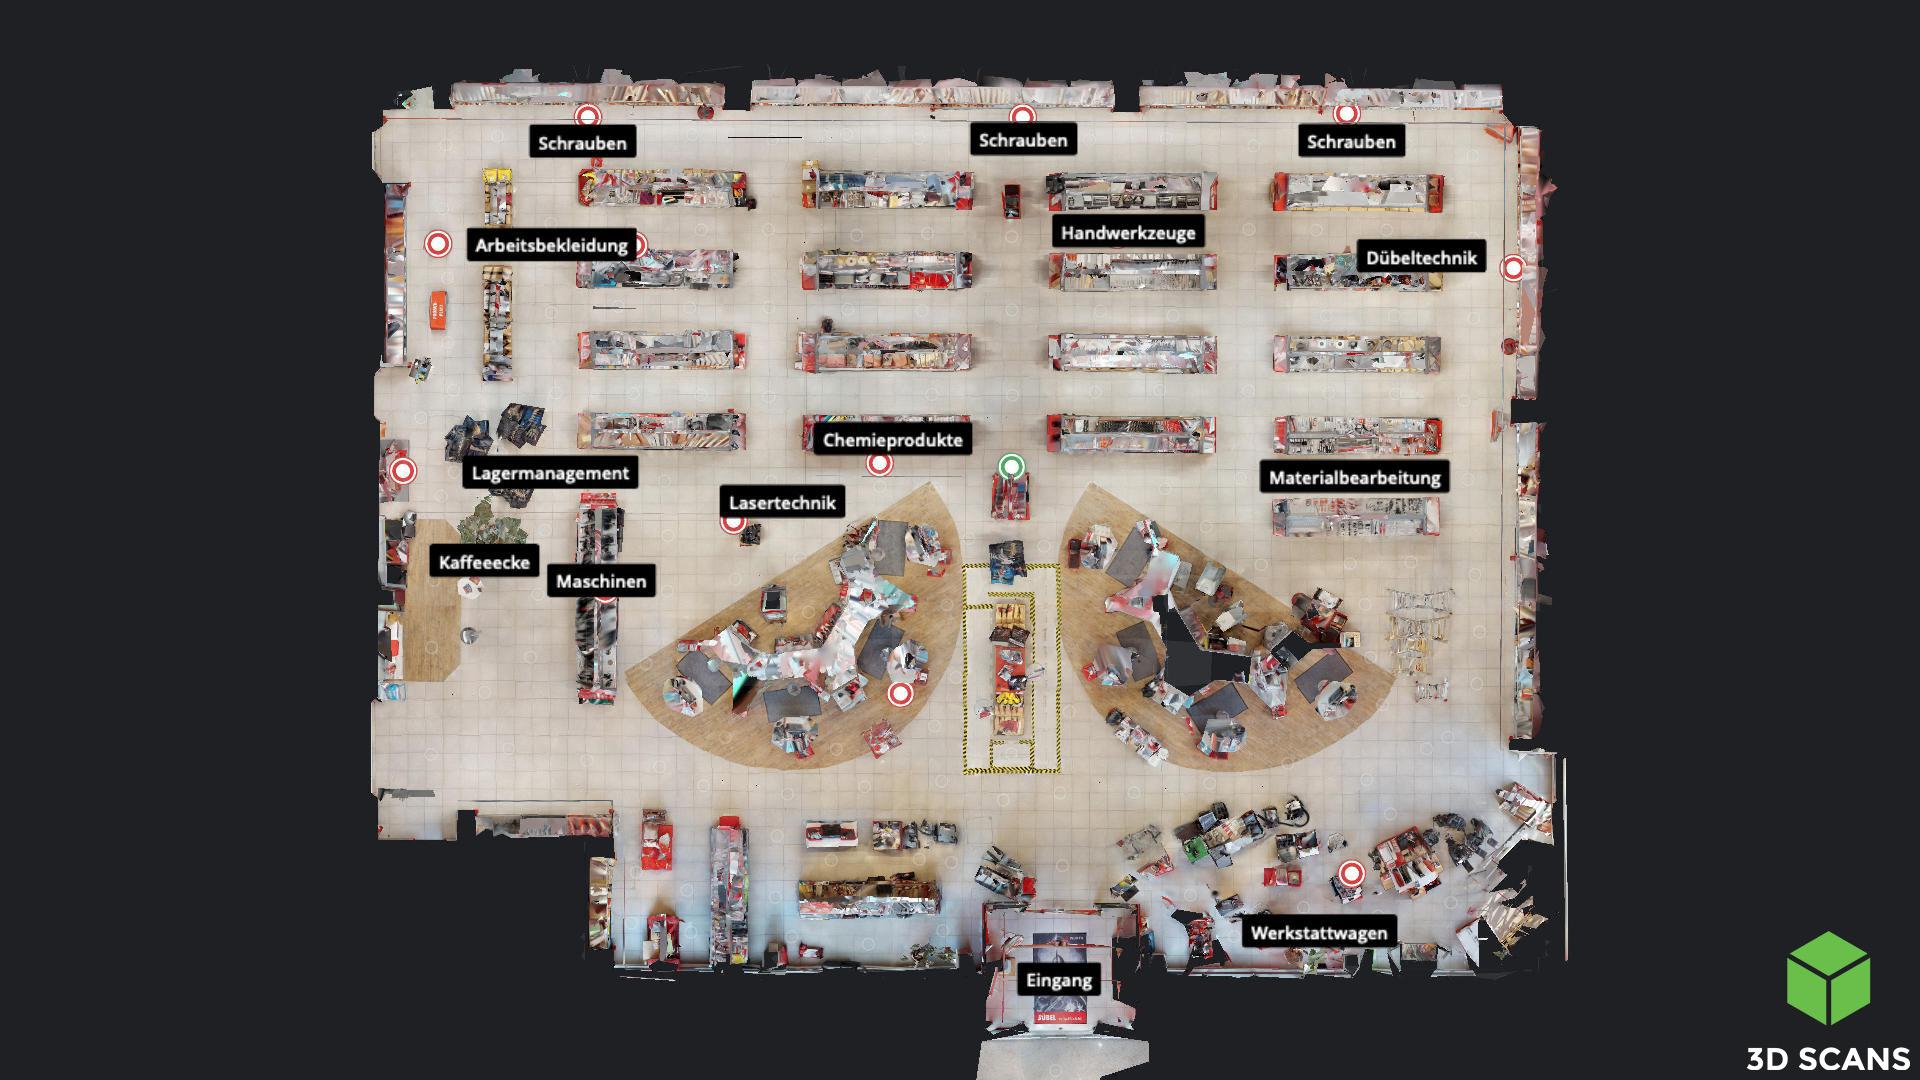 3D Scans View, Virtueller Rundgang, Schauraum